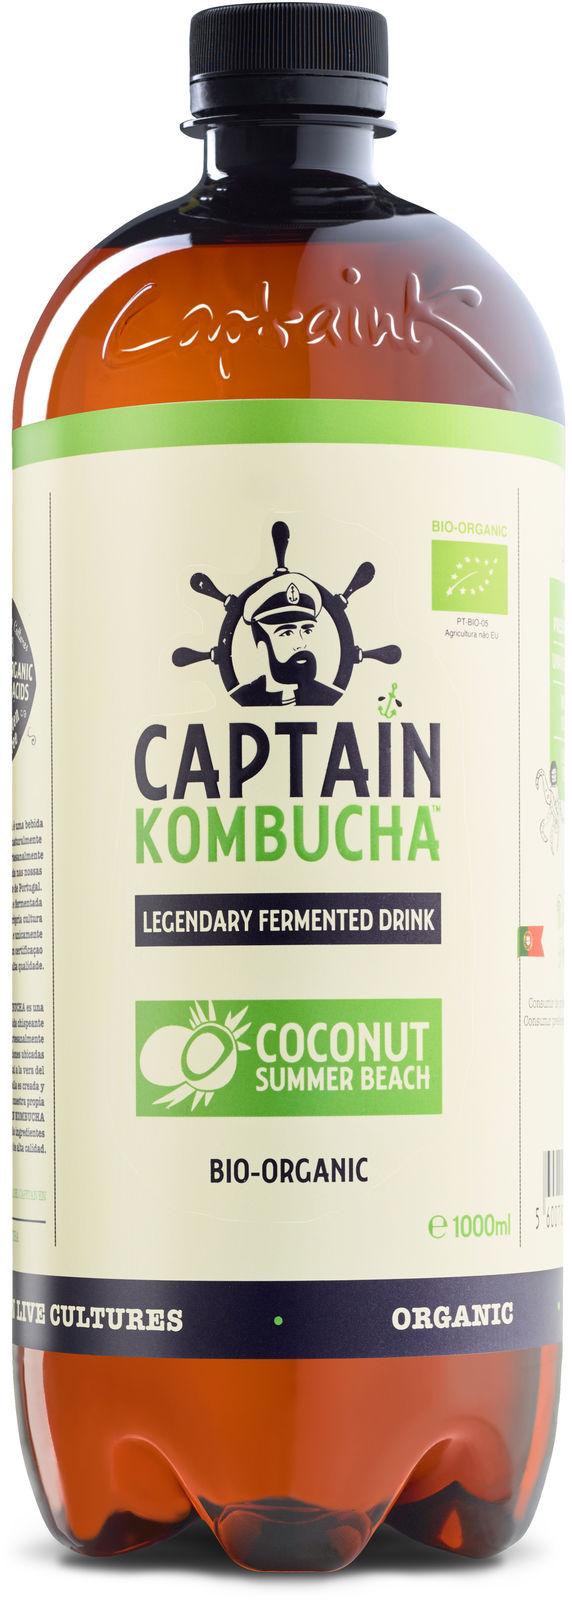 Ekologiška CAPTAIN KOMBUCHA, kokosų skonio,1L